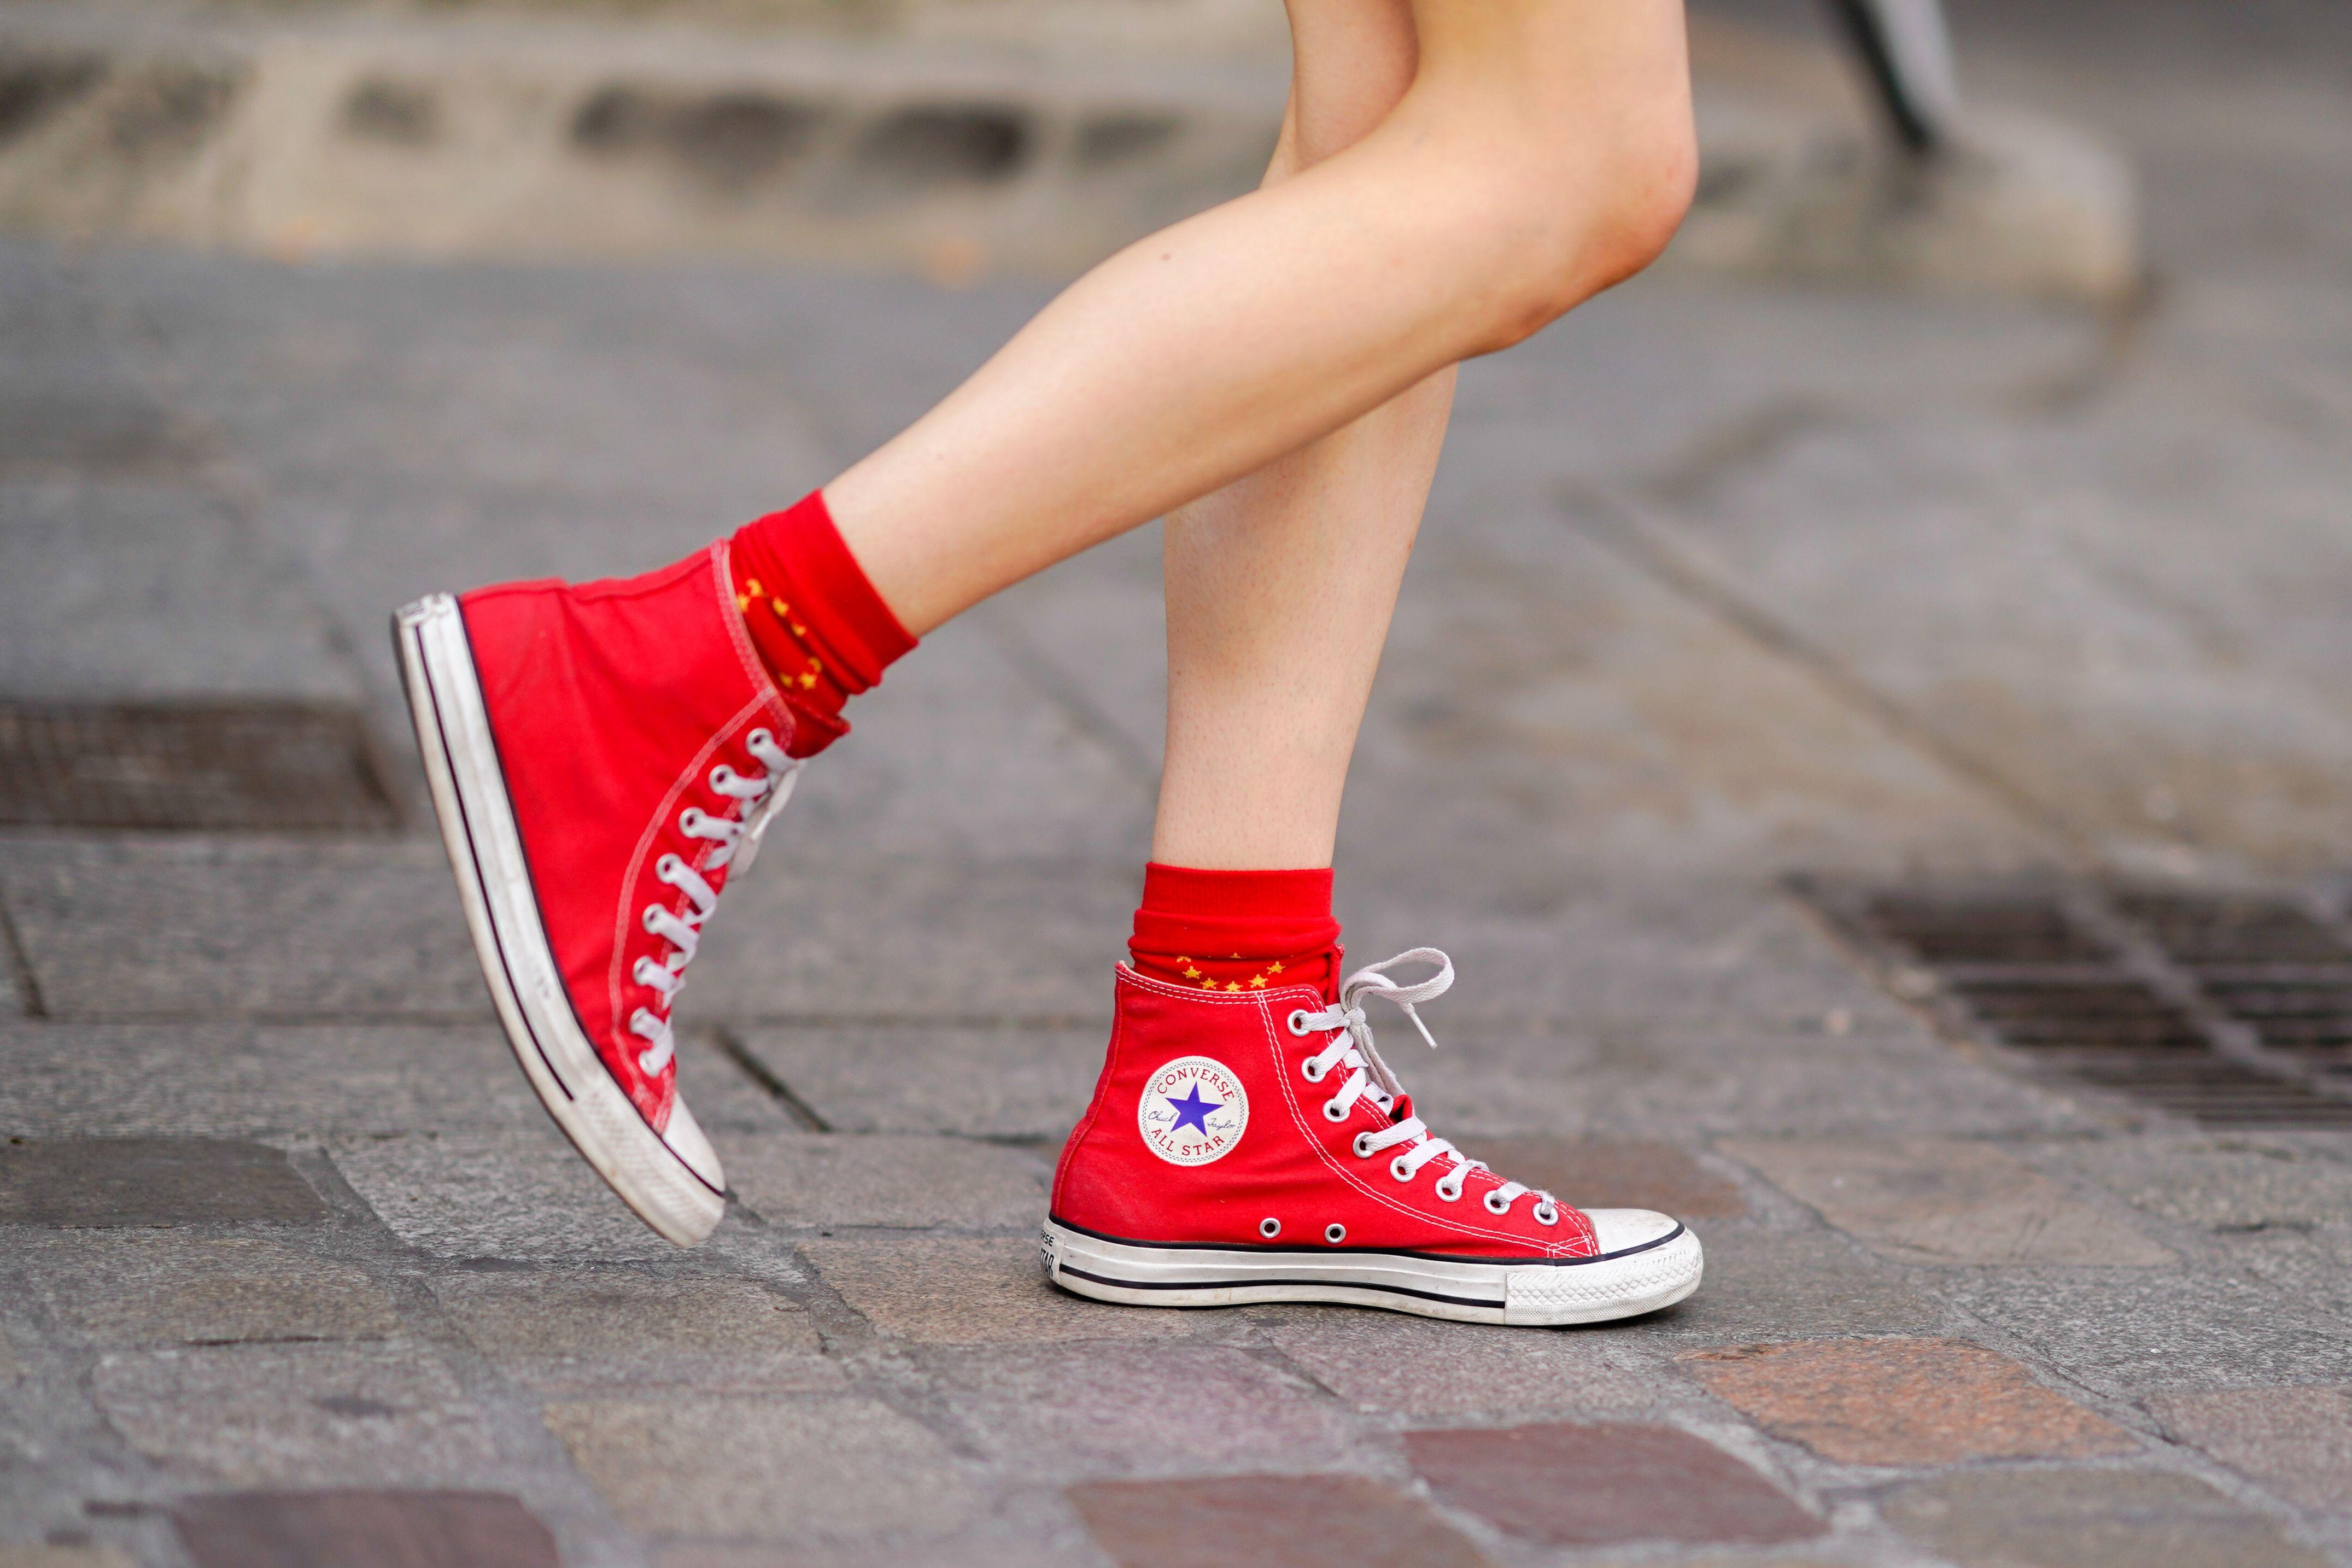 Amazon vende zapatillas rojas para celebrar San Valentín